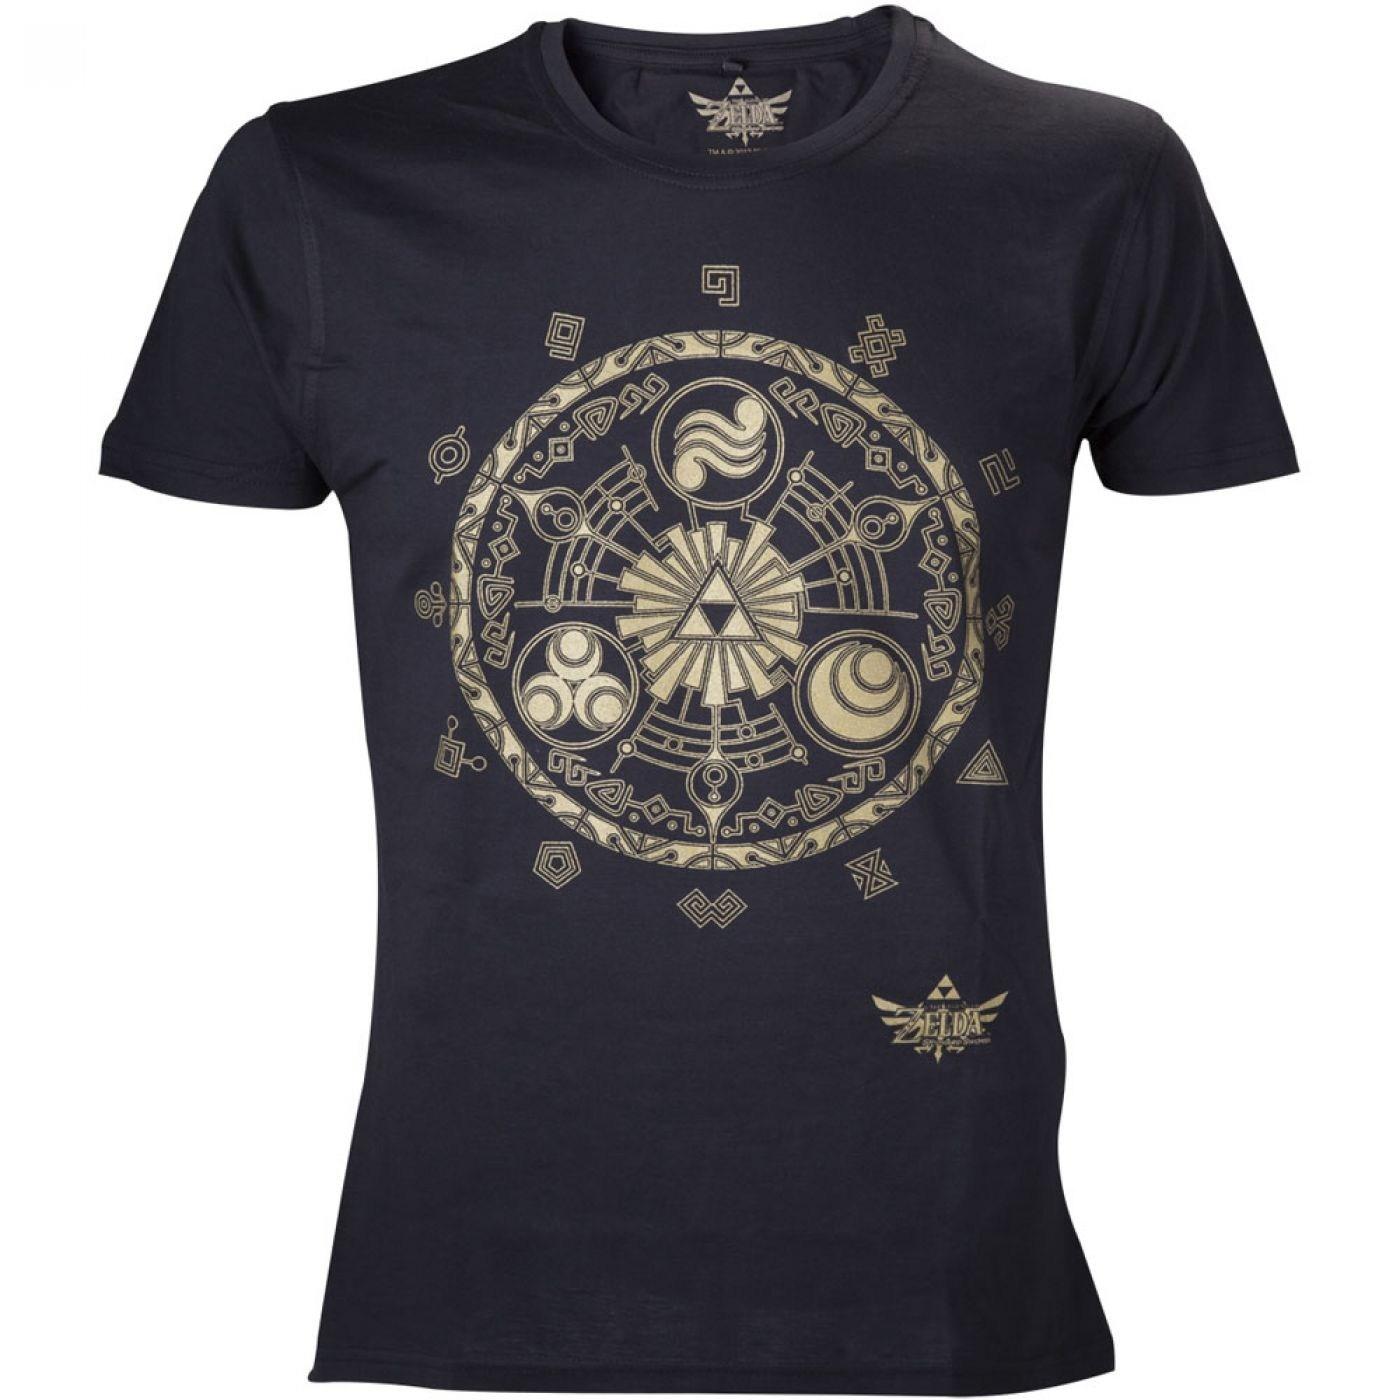 Nintendo Legend Of Zelda t-shirt - Classic Zelda tshirt